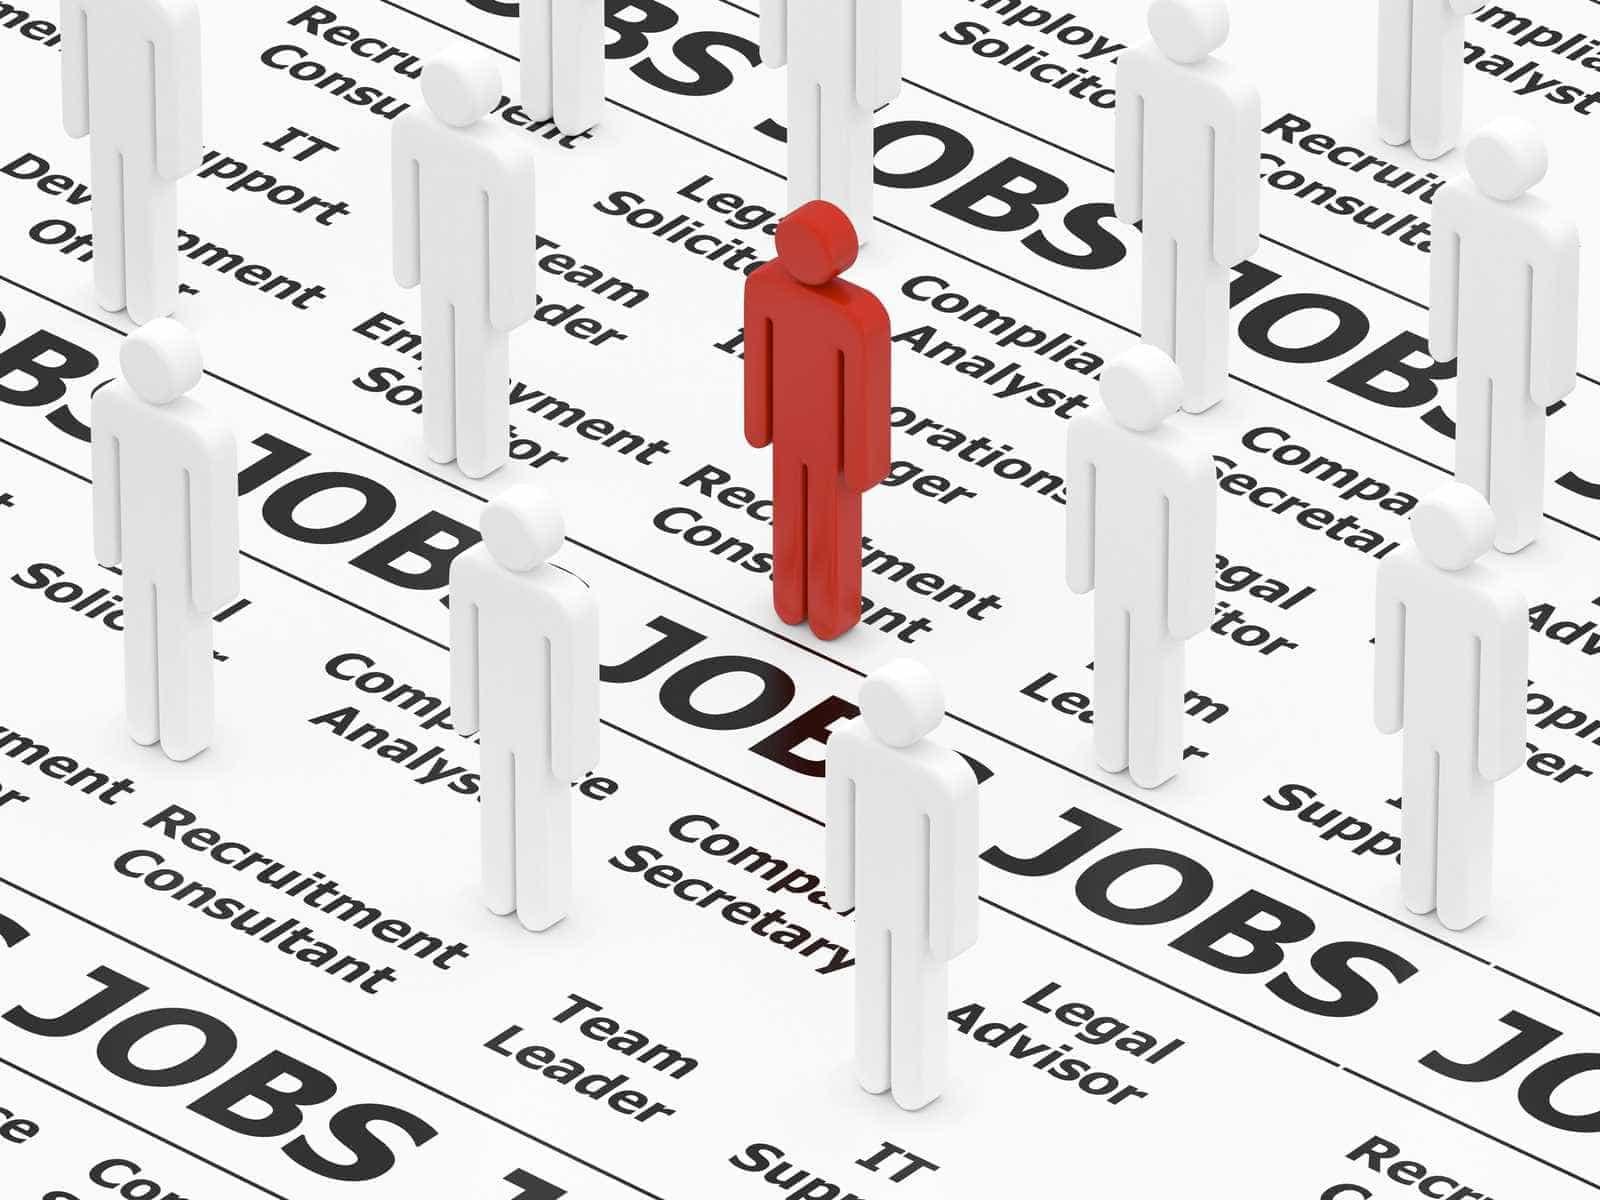 Taxa de desemprego fixou-se em 6,7% no arranque do ano